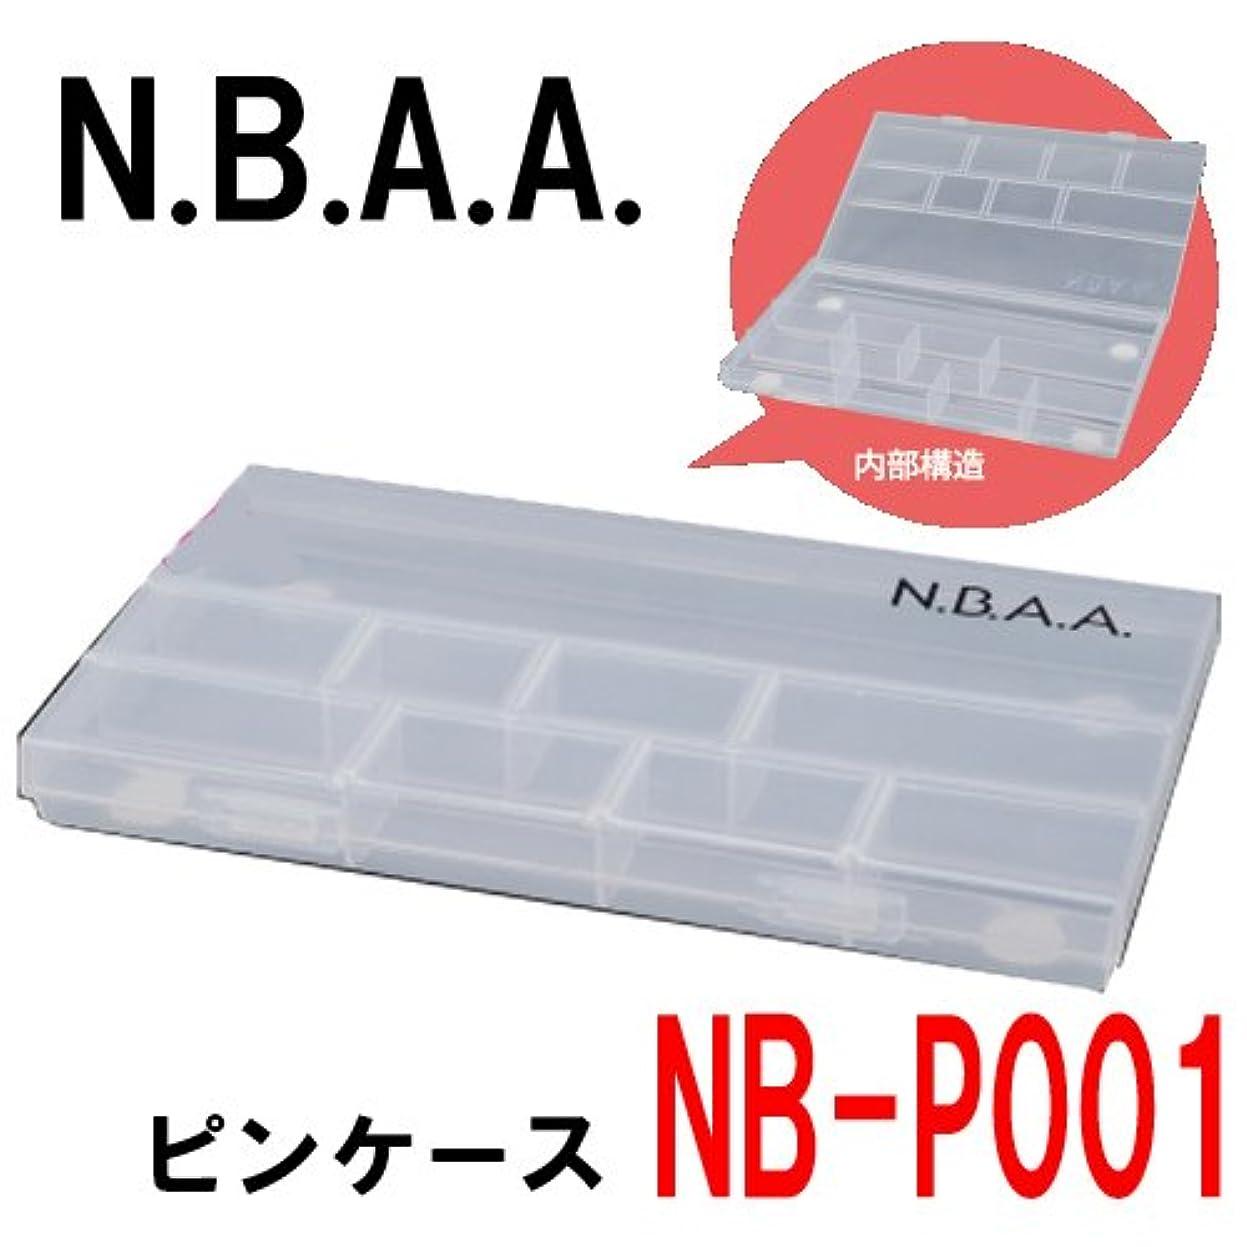 しなやかジョリー優勢N.B.A.A. NB-P001 ピンケース